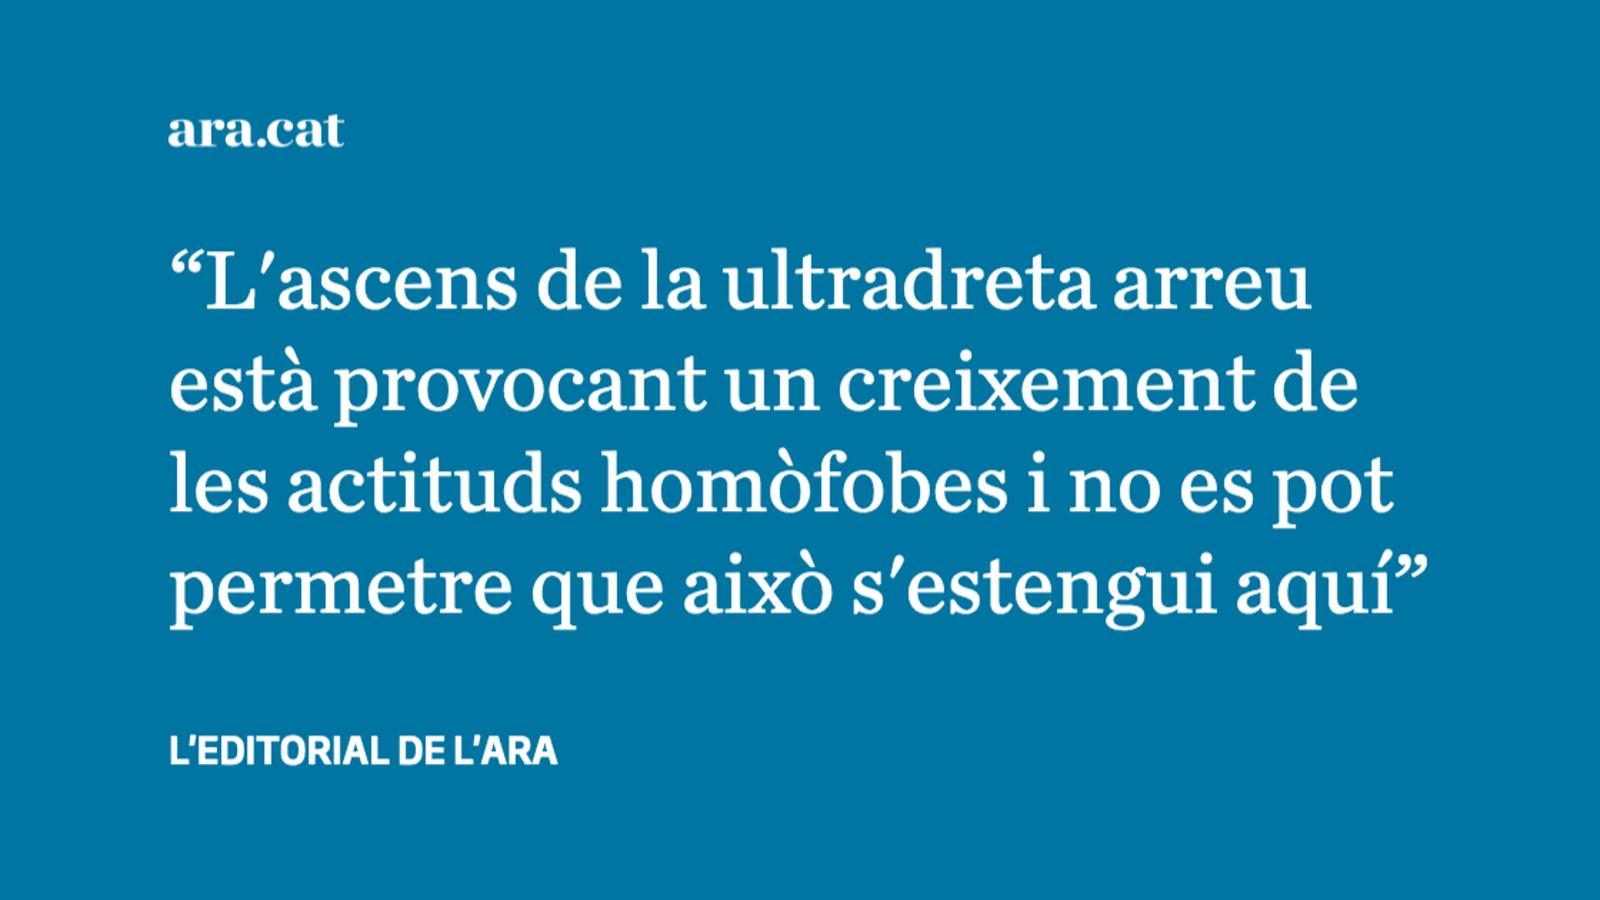 Els atacs contra el col·lectiu LGTBI no poden quedar impunes